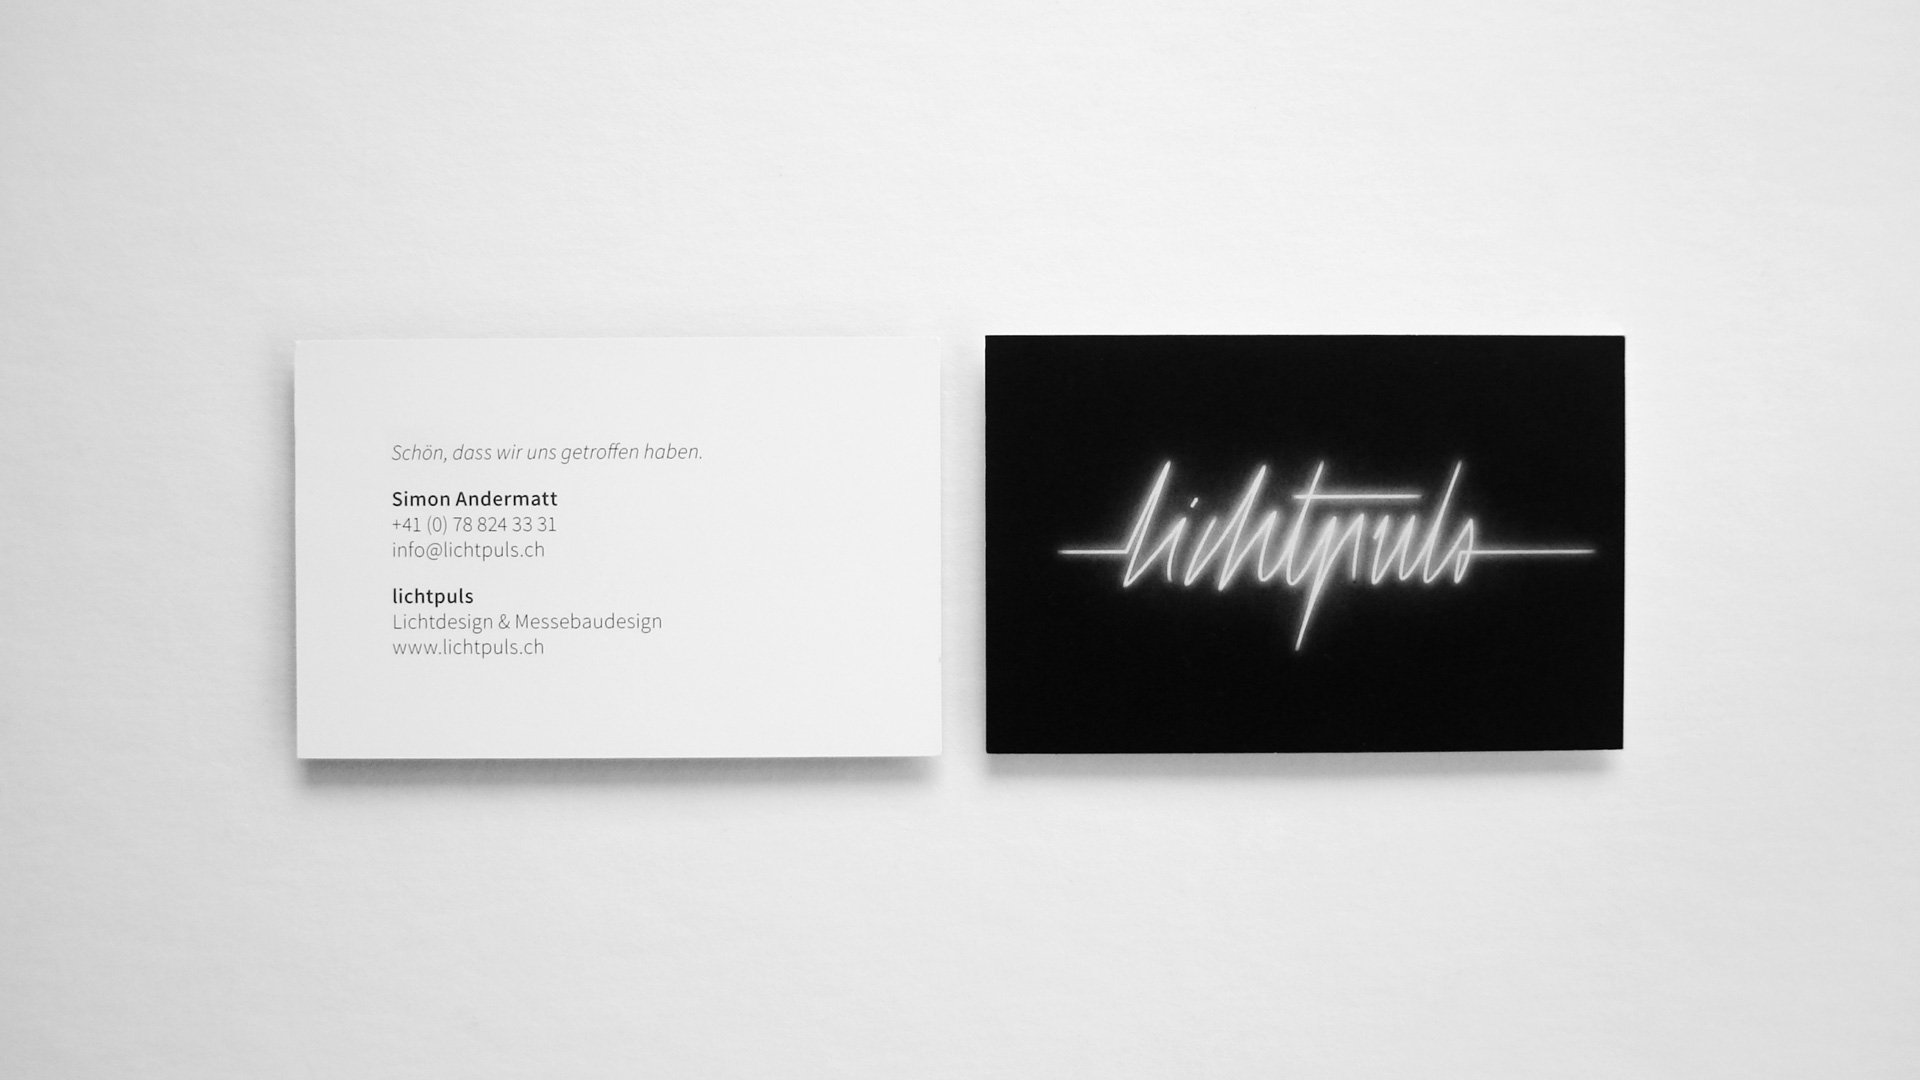 lichtpuls Corporate Design: Logo und Visitenkarte